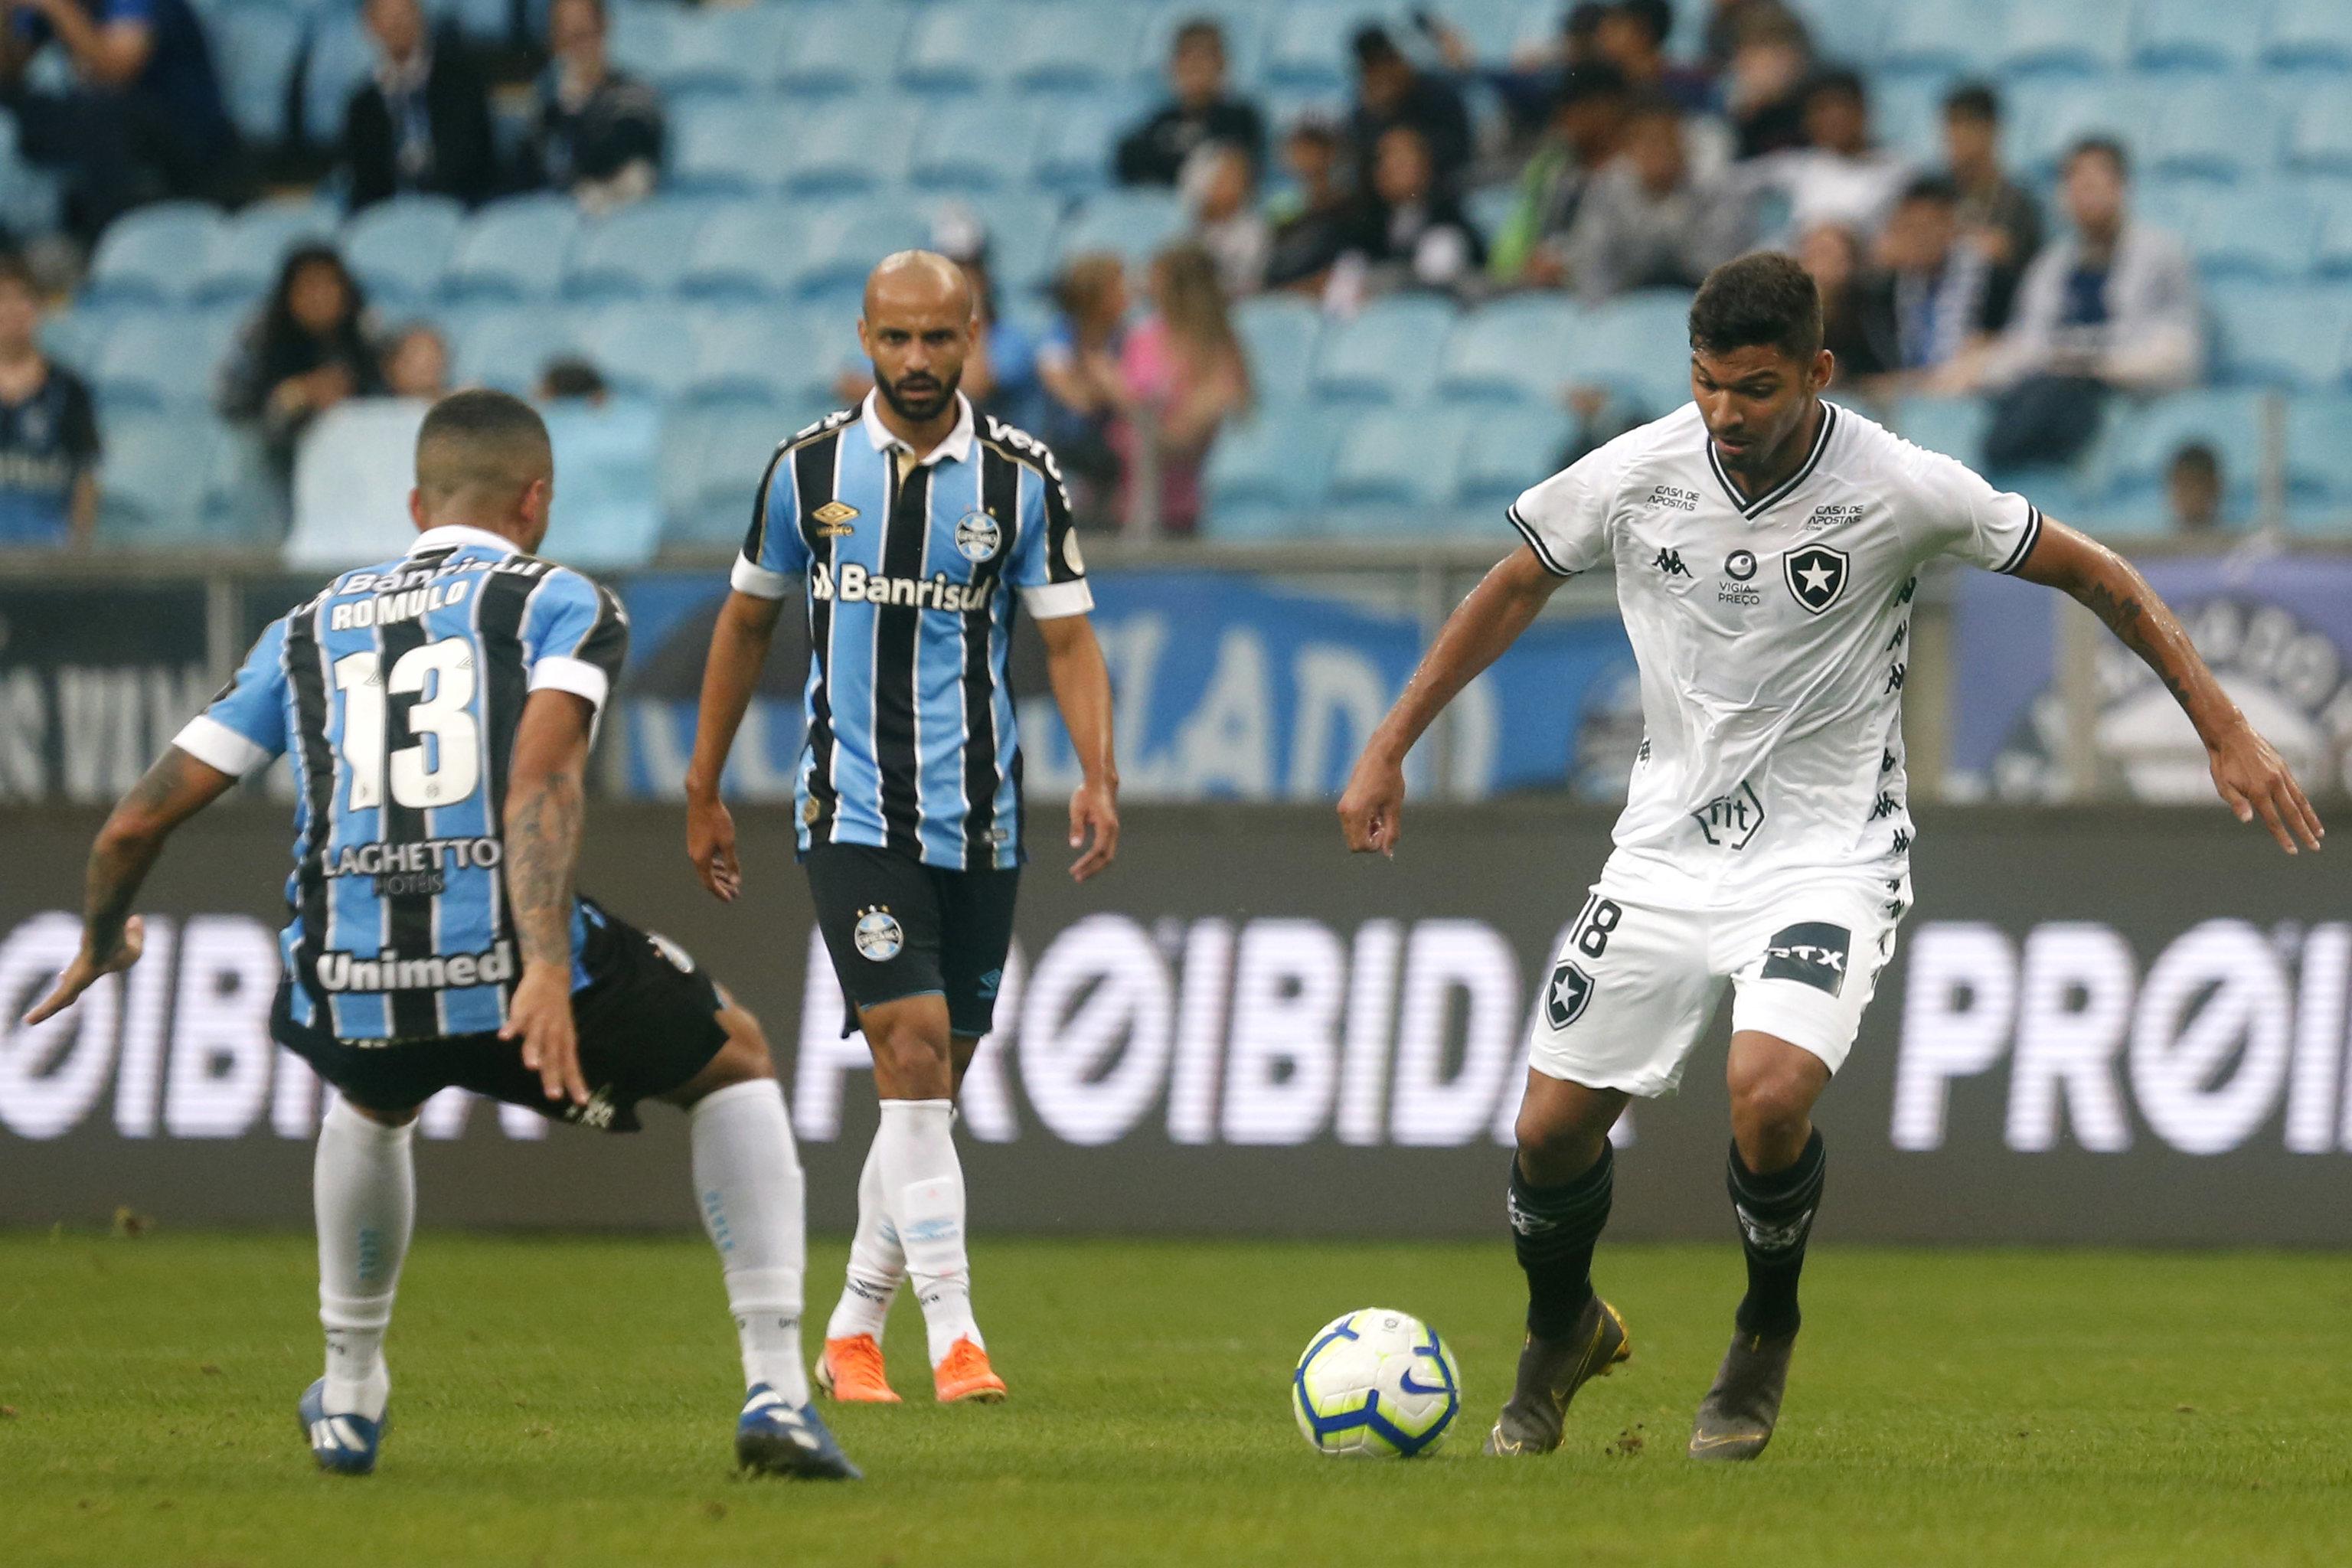 Maicon marcou o primeiro para o time gaúcho aos 11 minutos do primeiro tempo. Na segunda etapa, Thaciano ampliou aos 25 e Everton definiu o placar aos 34 minutos. Foto: Vitor Silva/Botafogo